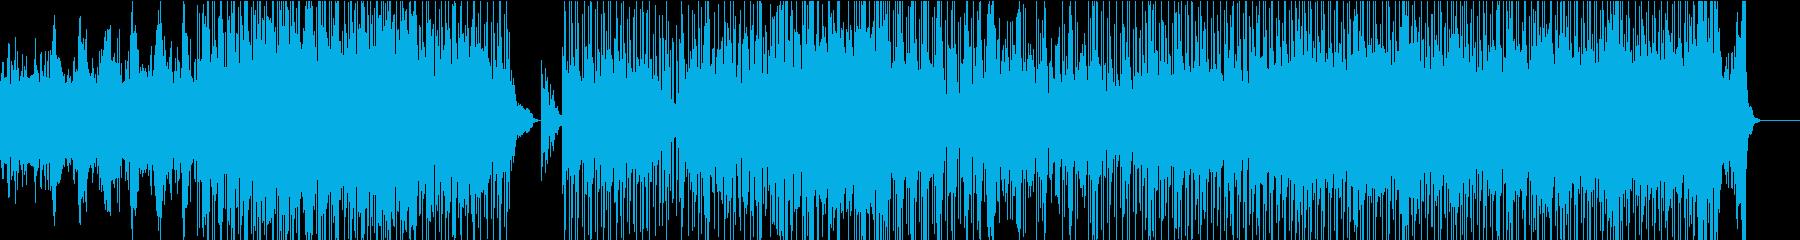 スリルを愉しむ、緊張感ある映像向きの曲の再生済みの波形